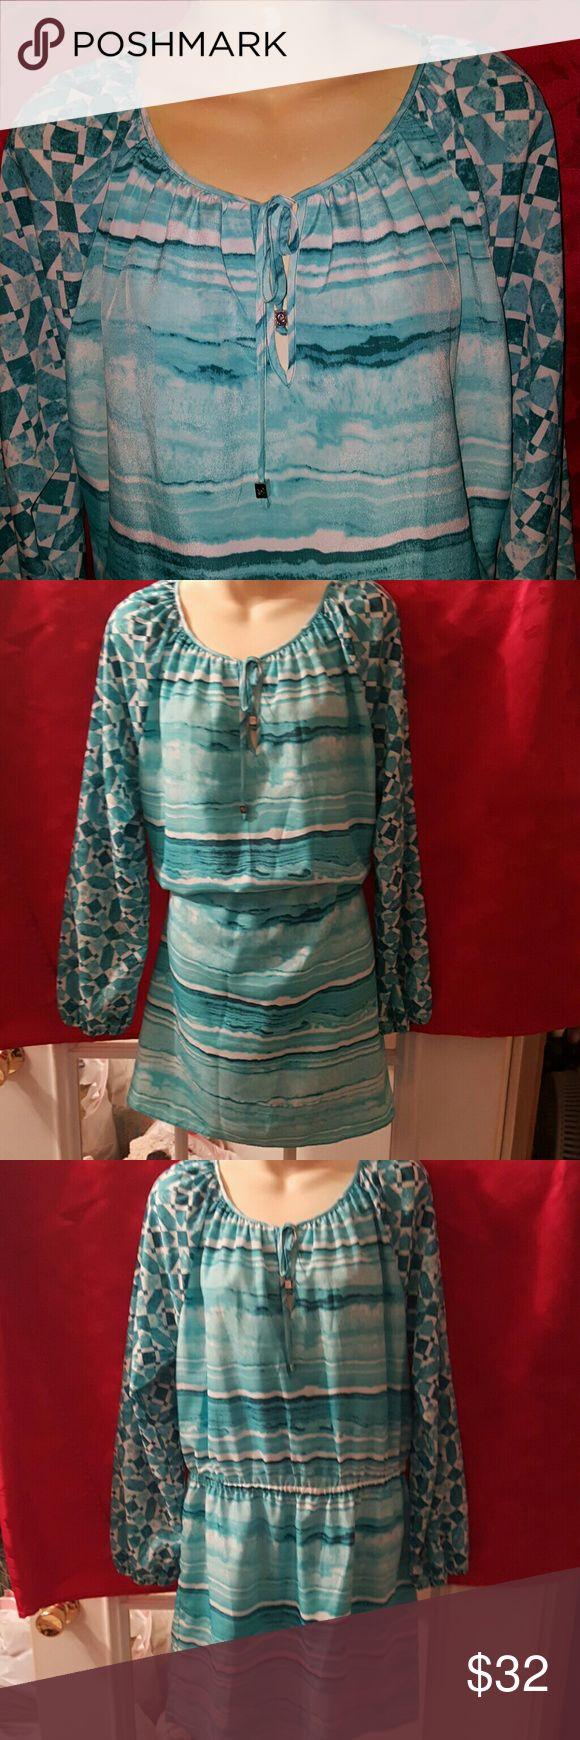 """Michael Kors Beautiful Aqua colors longsleeve Dress. Has a elastic waist.  Length 36"""" Bust 36 Arm length 27"""". Michael Kors Dresses Midi"""